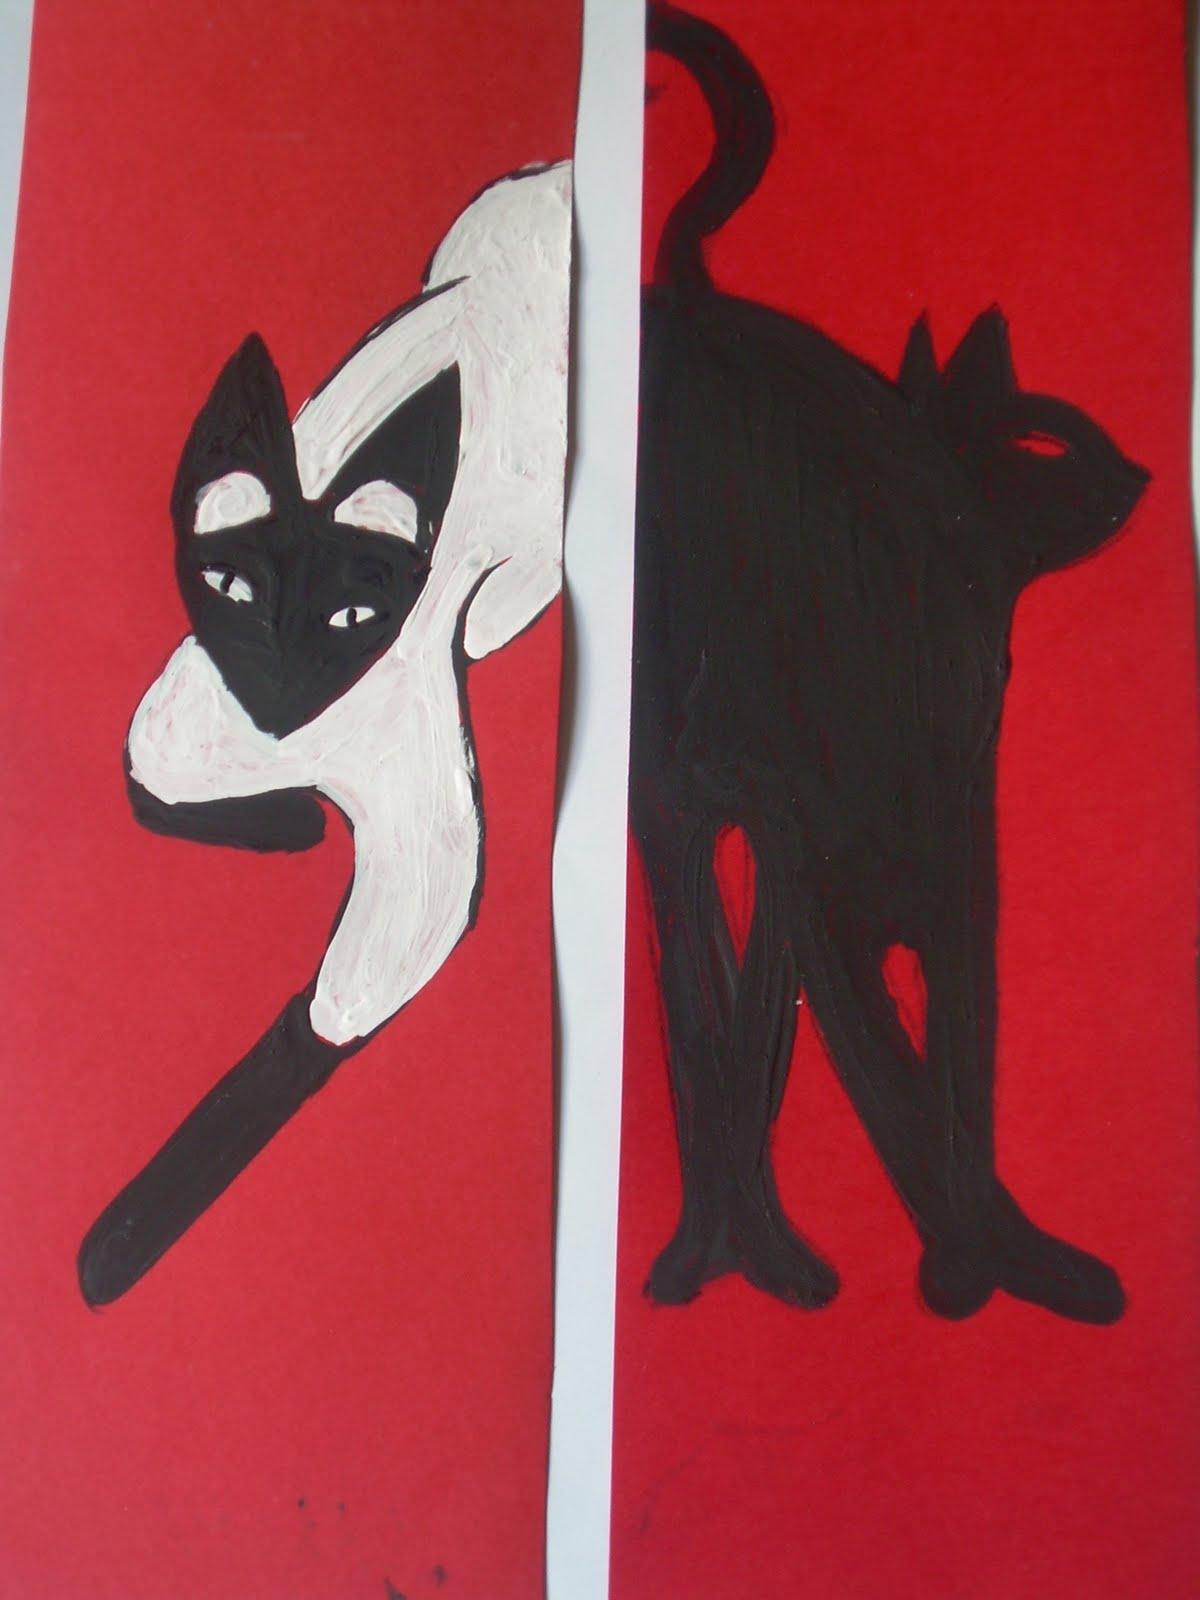 Cuadros en negro rojo y blanco imagui - Cuadro blanco y negro ...